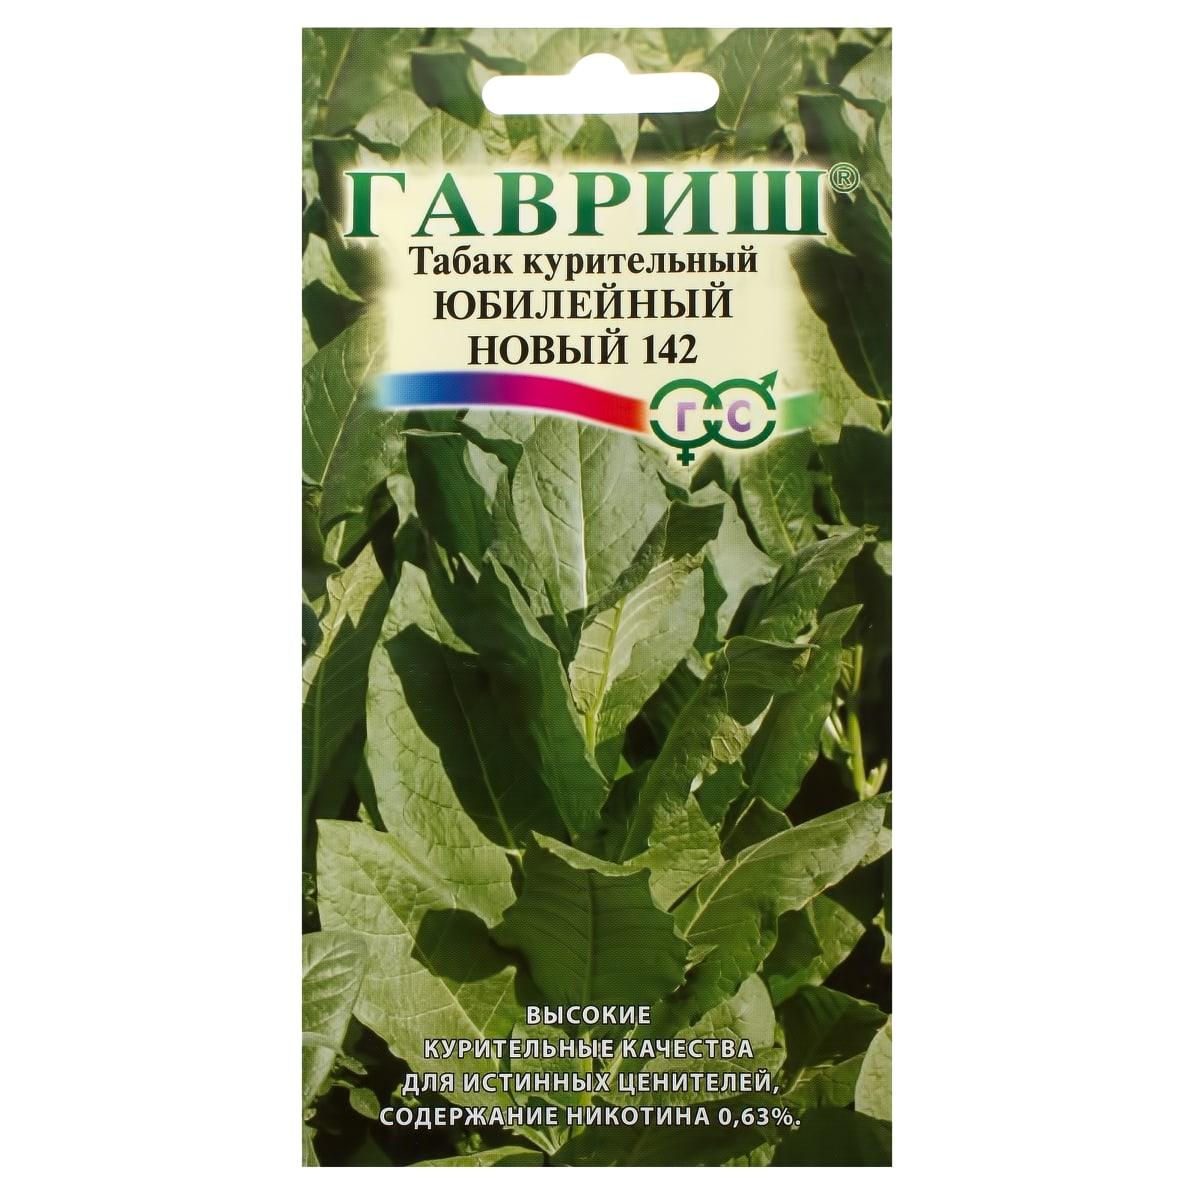 Магазин Семена Табака В Москве